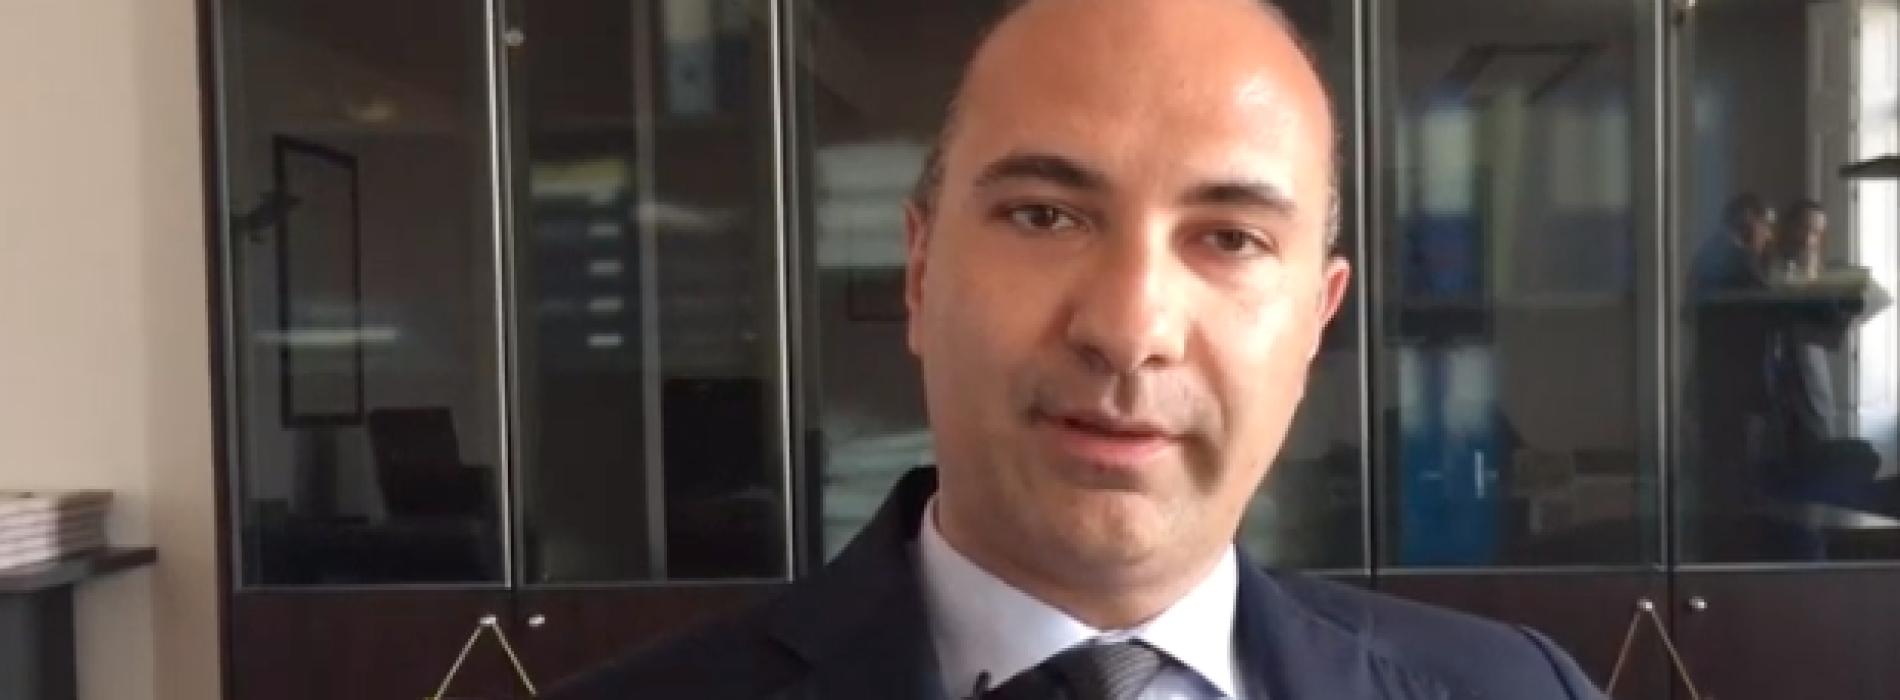 Corso in materia bancaria. Marco Durazzano, presidente UGDCEC